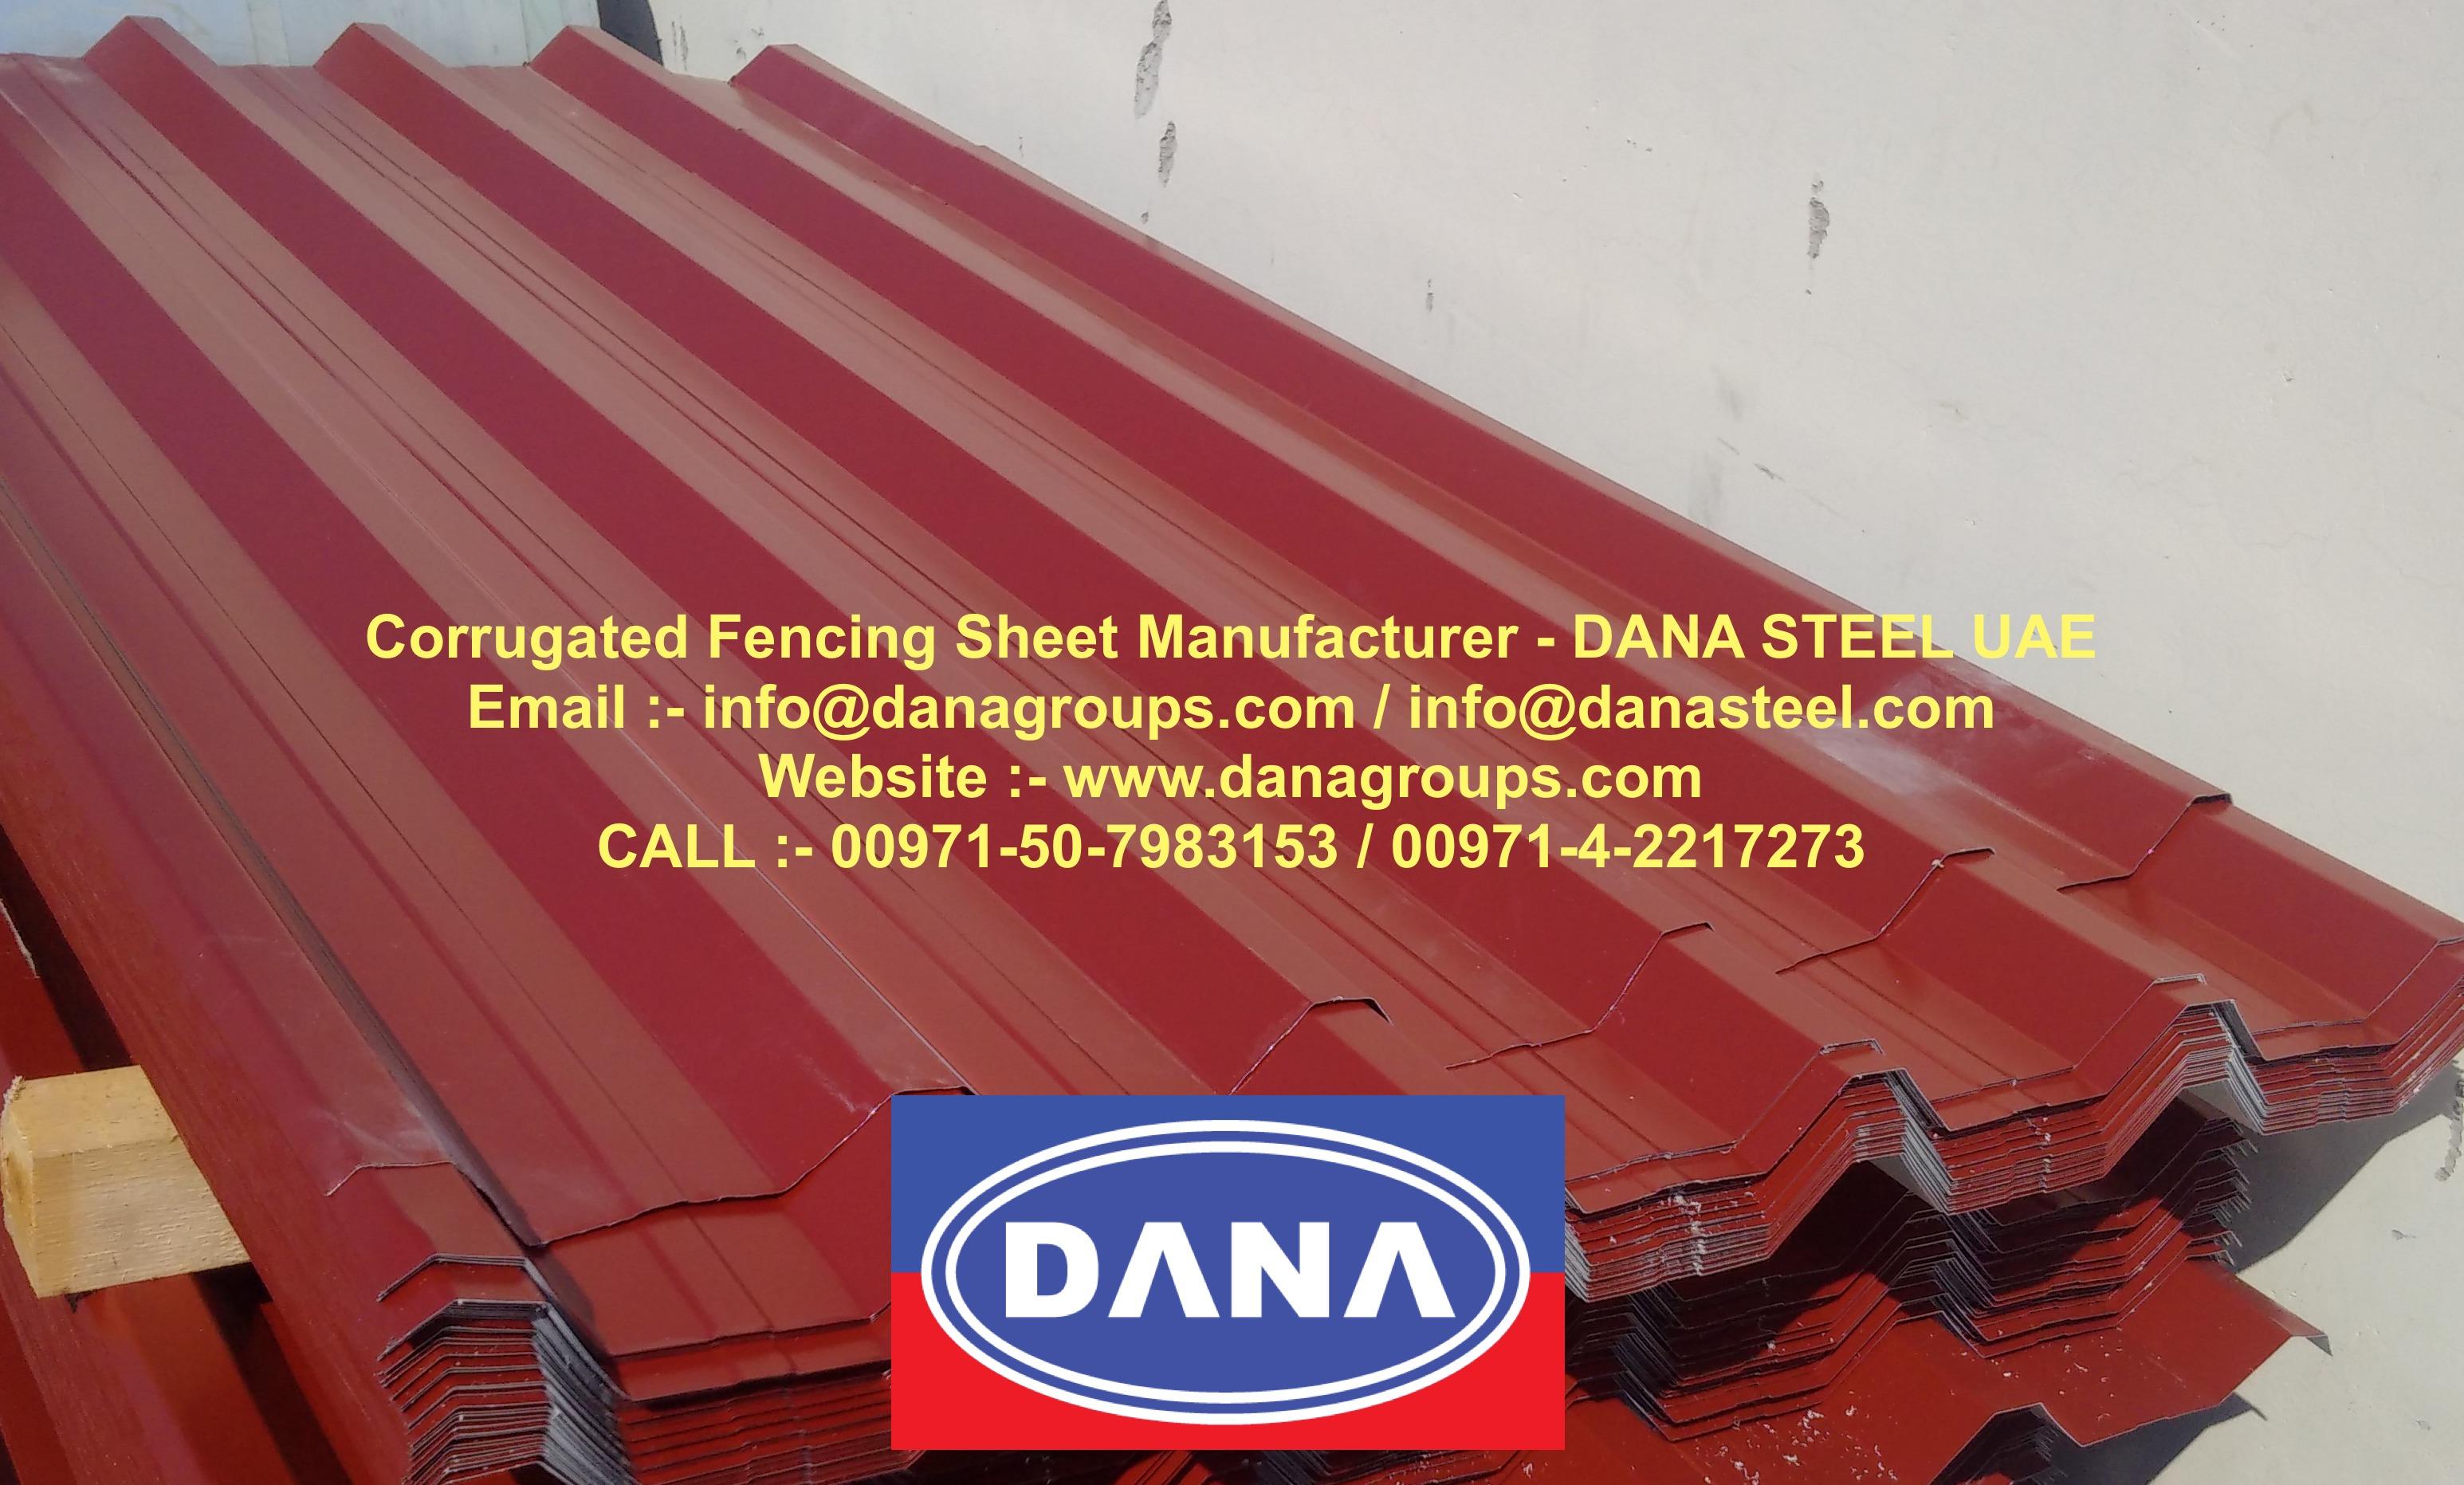 oxide_red_corrugated_fencing_sheet_uae_manufacturer | Dana